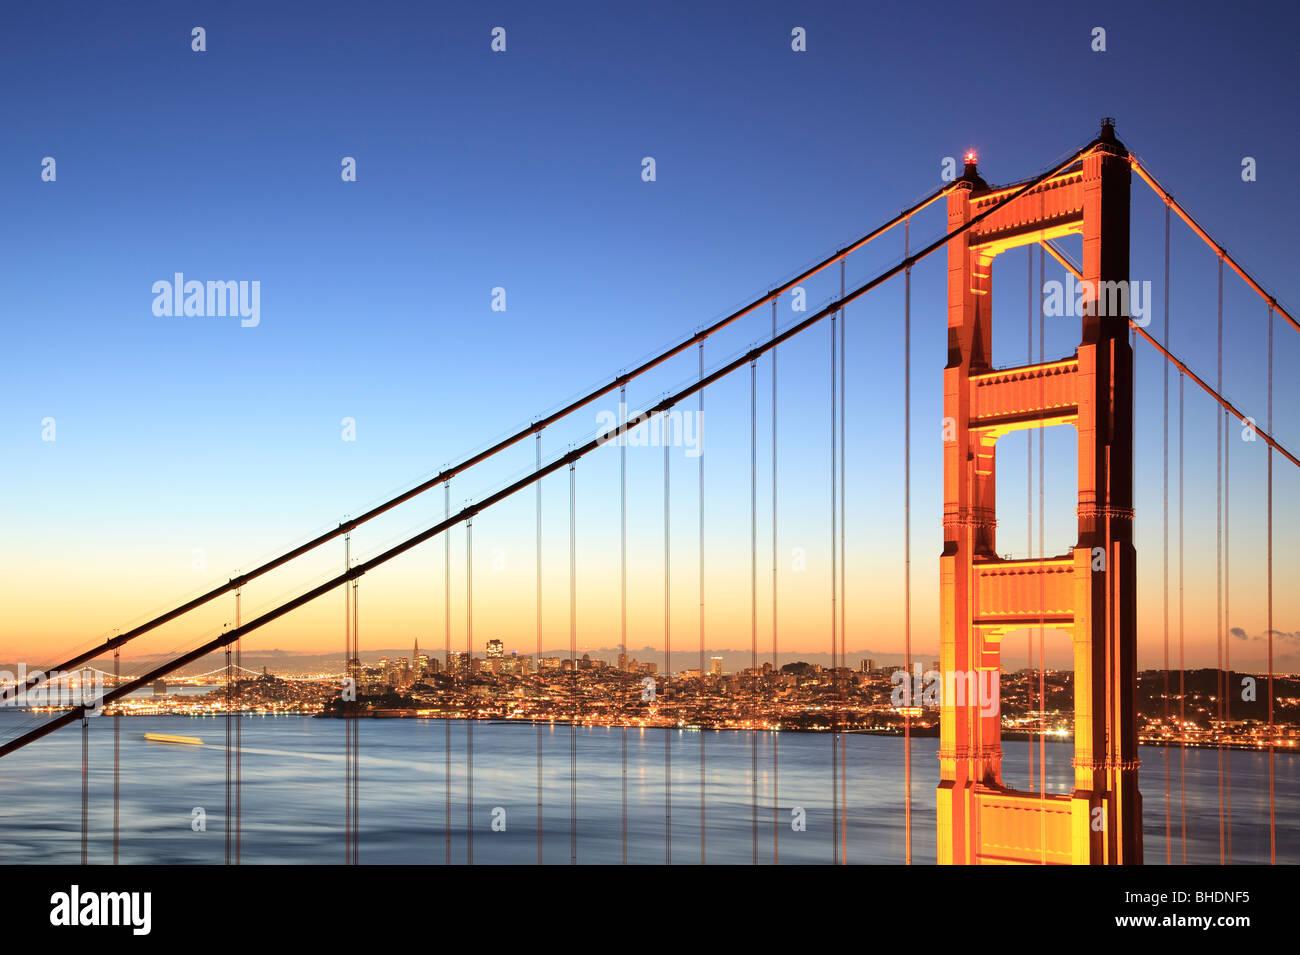 Golden Gate Bridge et San Francisco Skyline vue au crépuscule Photo Stock